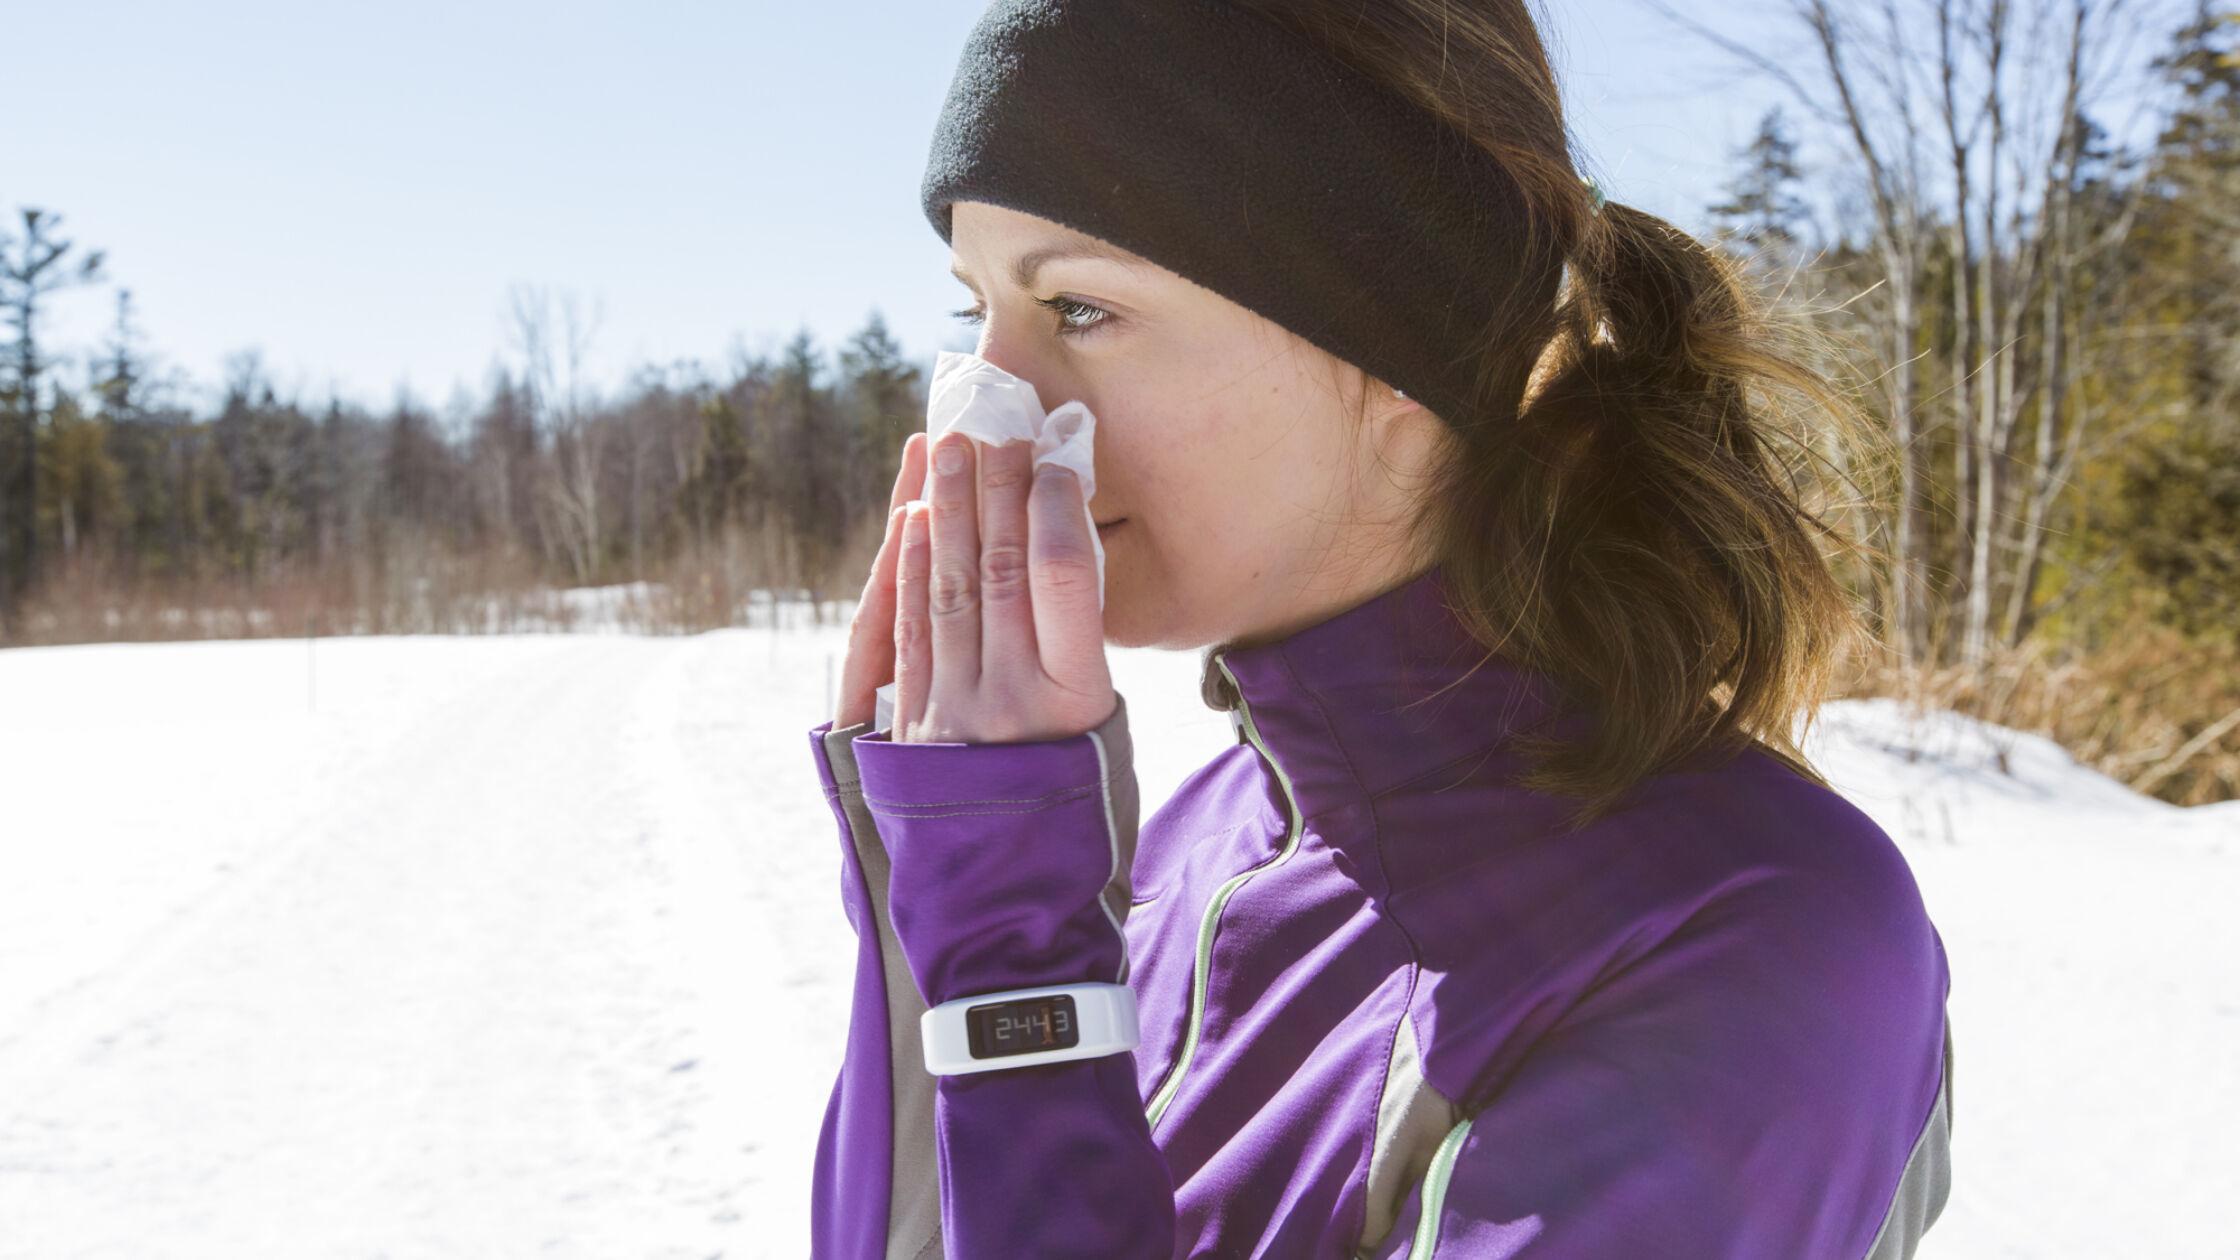 Expertvraag: kun je griep of verkoudheid voorkomen?